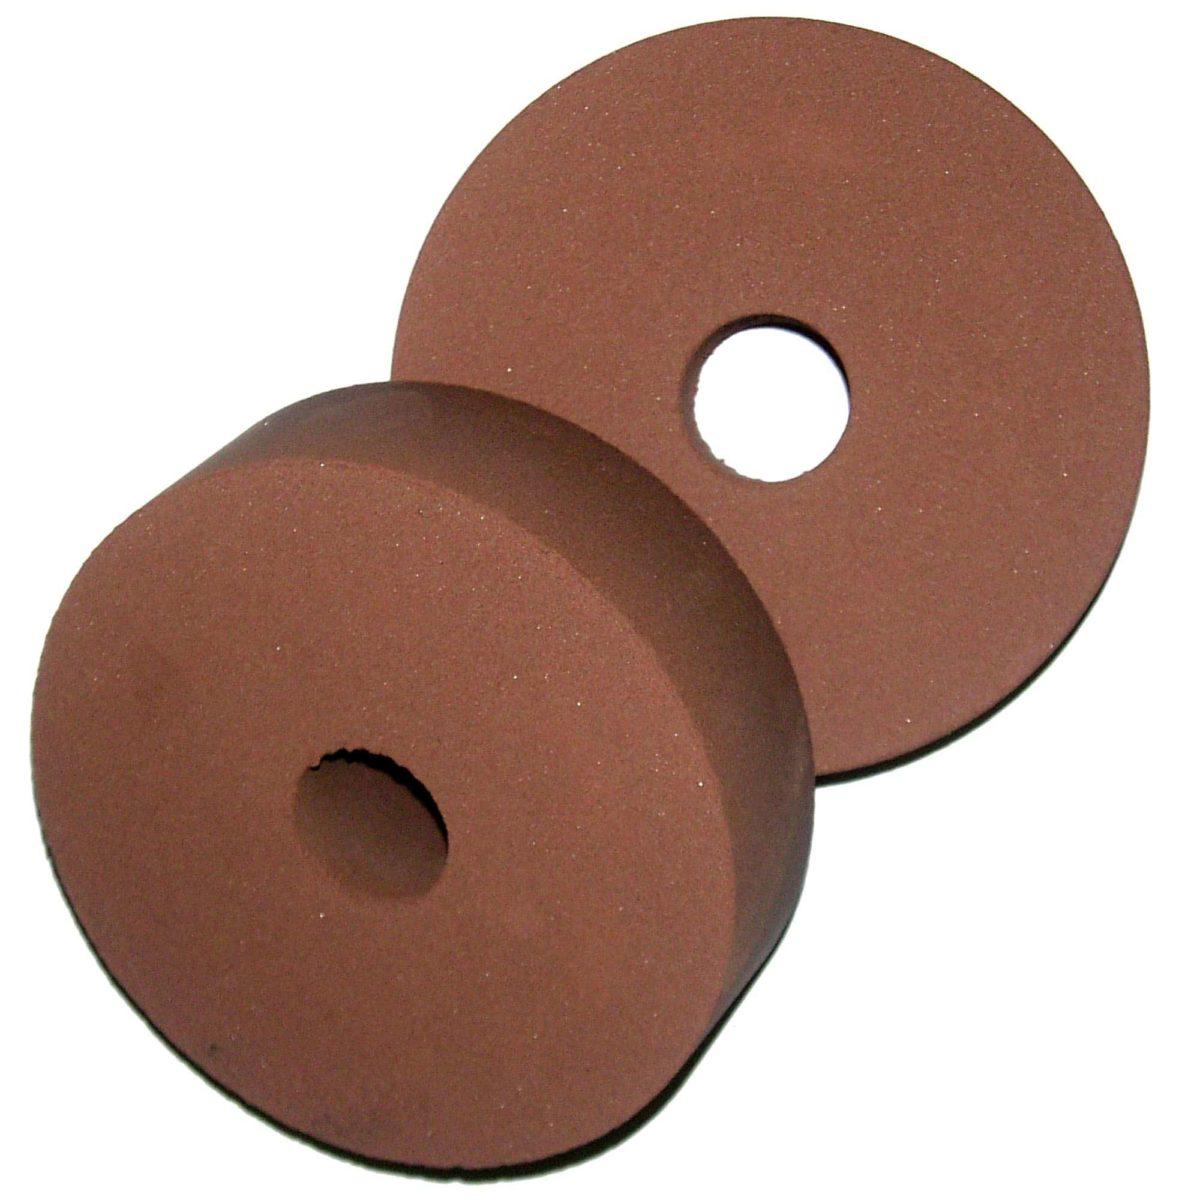 Muela Periferica Ceramica 100x30x22mm. Mod. Top